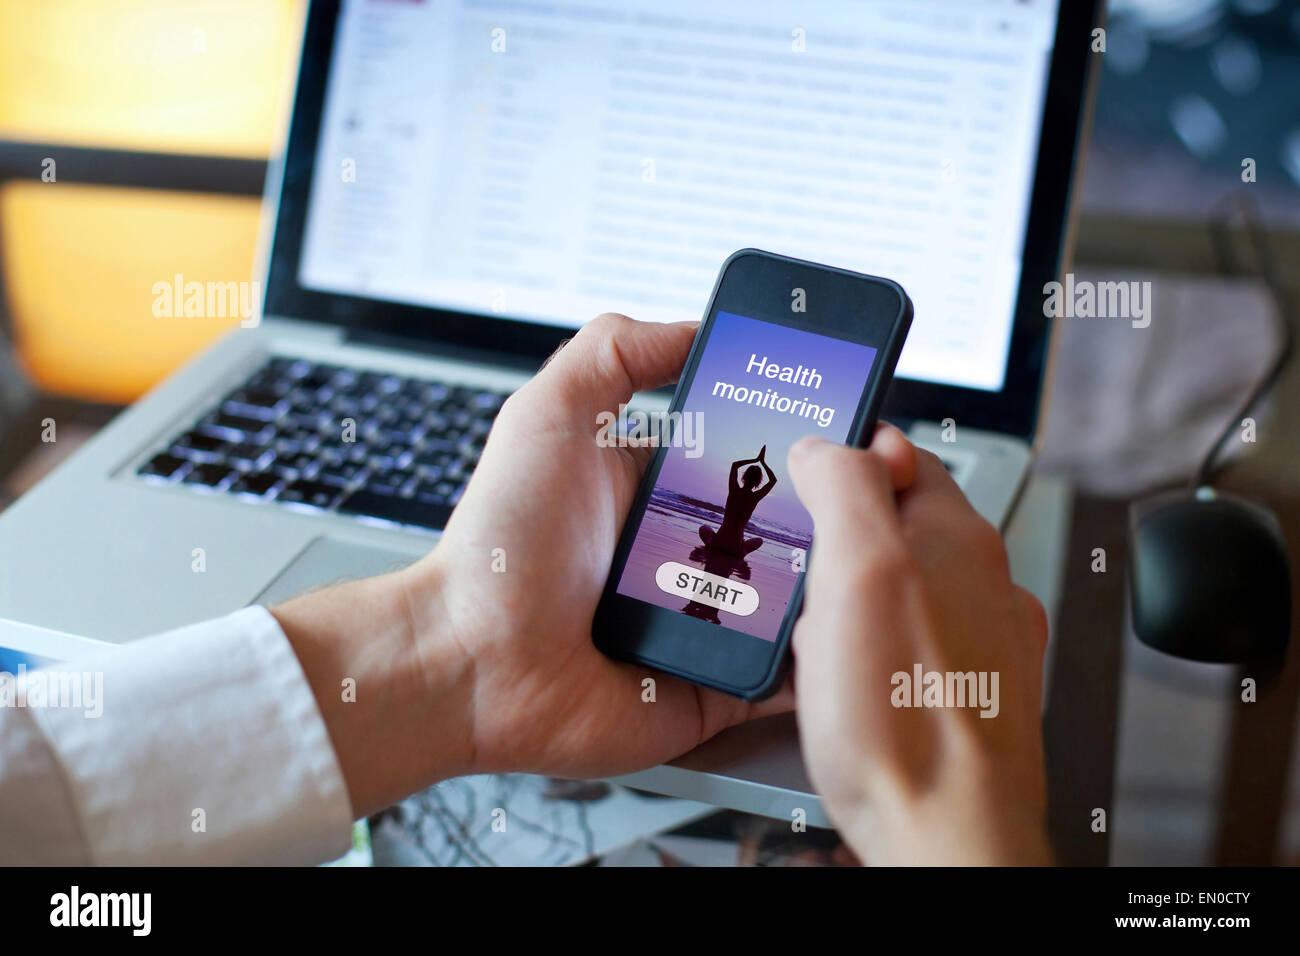 Utilizzando il monitoraggio sanitario applicazione sullo smartphone Immagini Stock